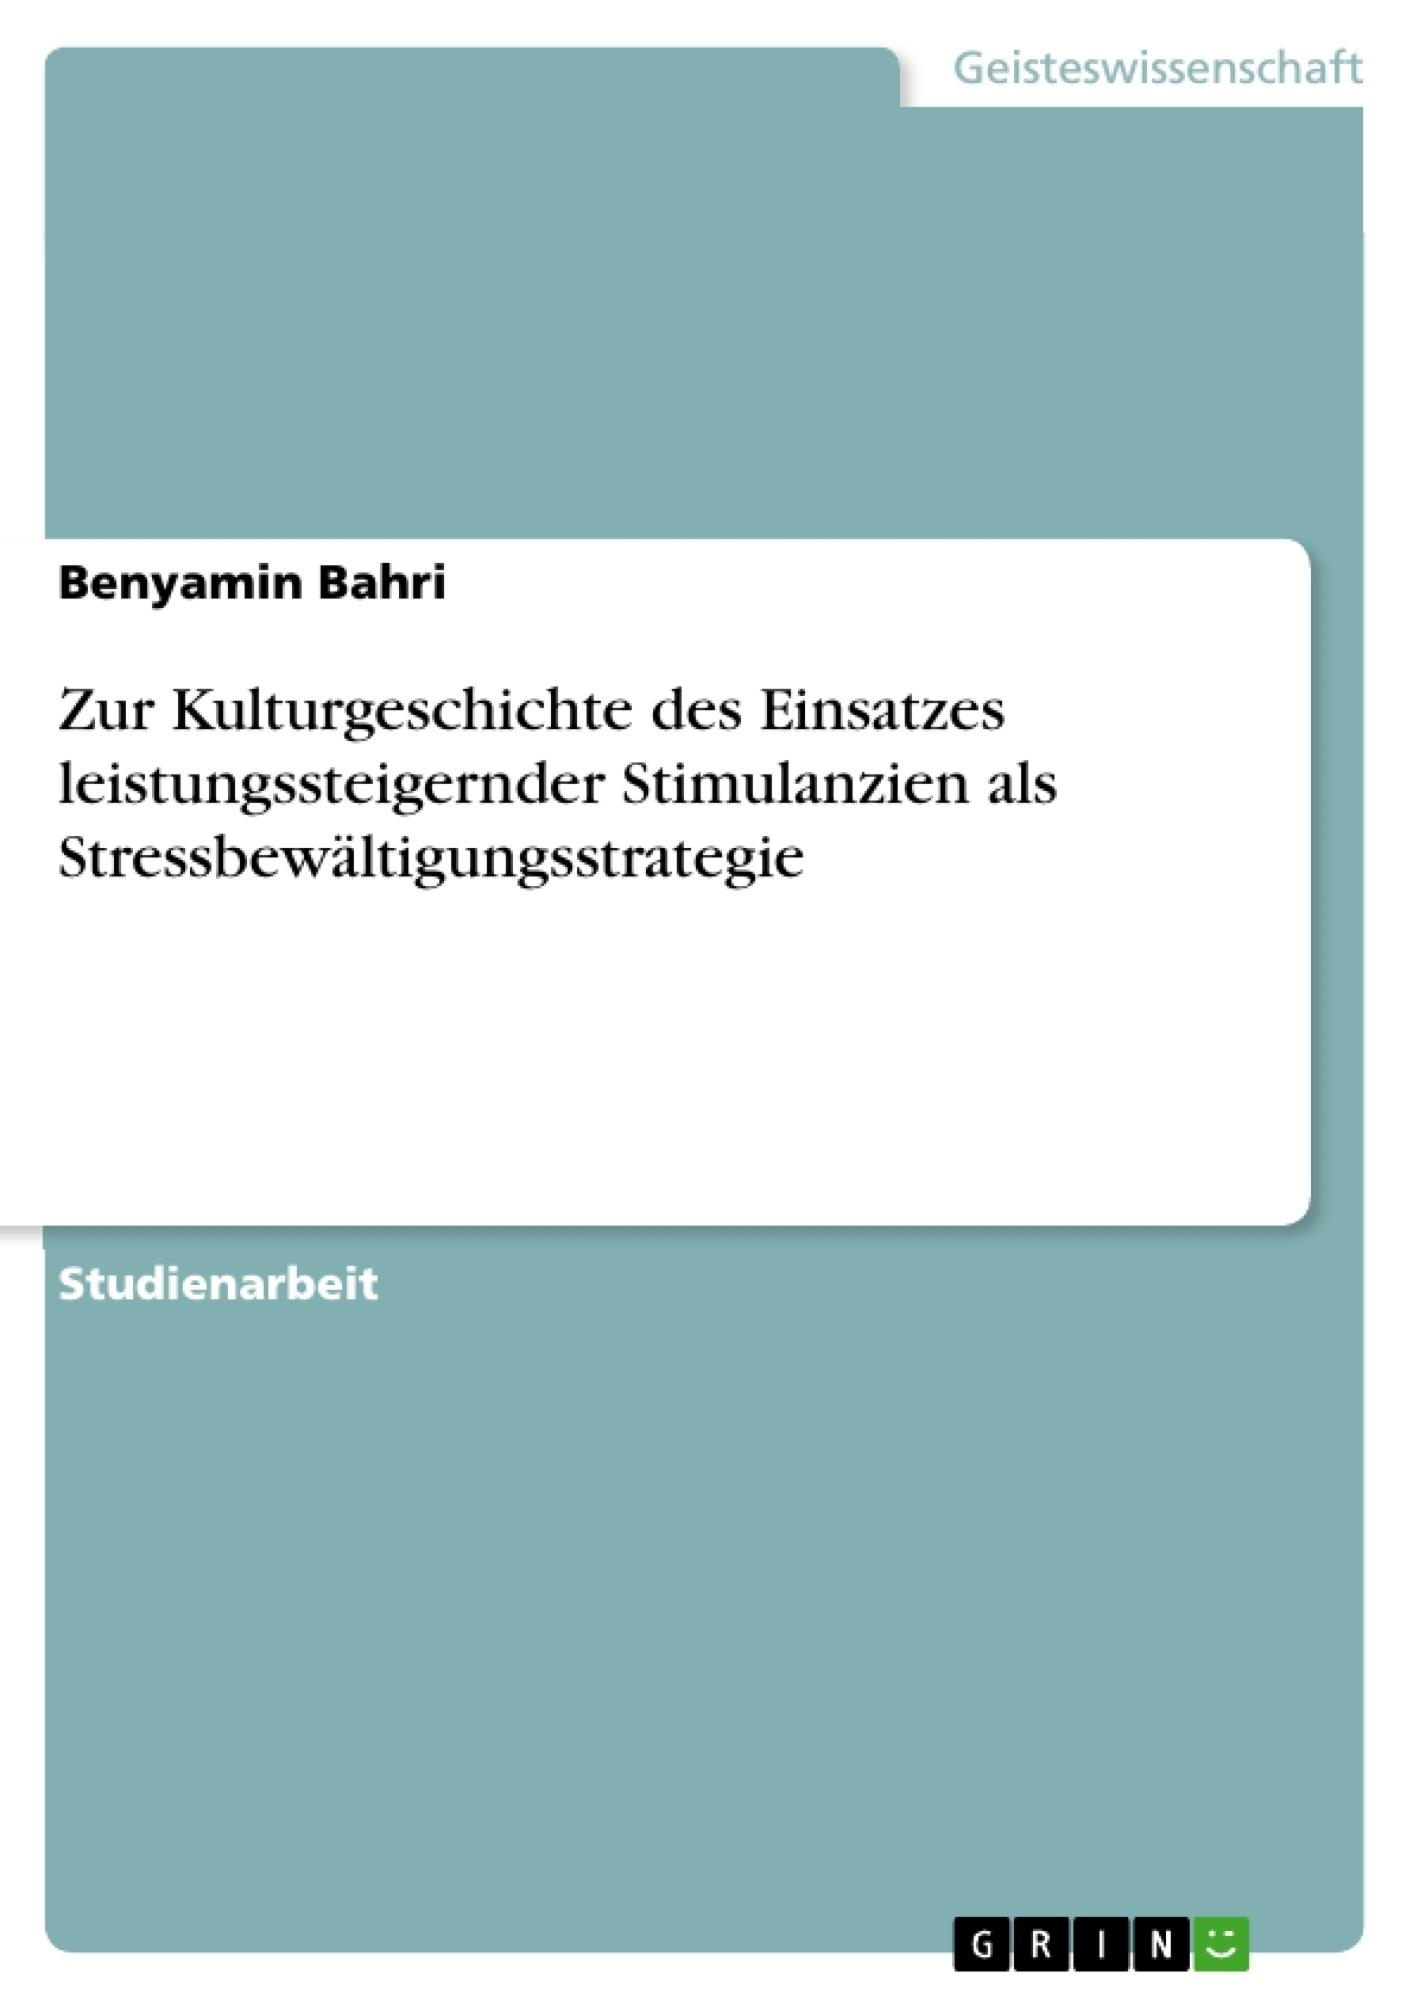 Titel: Zur Kulturgeschichte des Einsatzes leistungssteigernder Stimulanzien als Stressbewältigungsstrategie